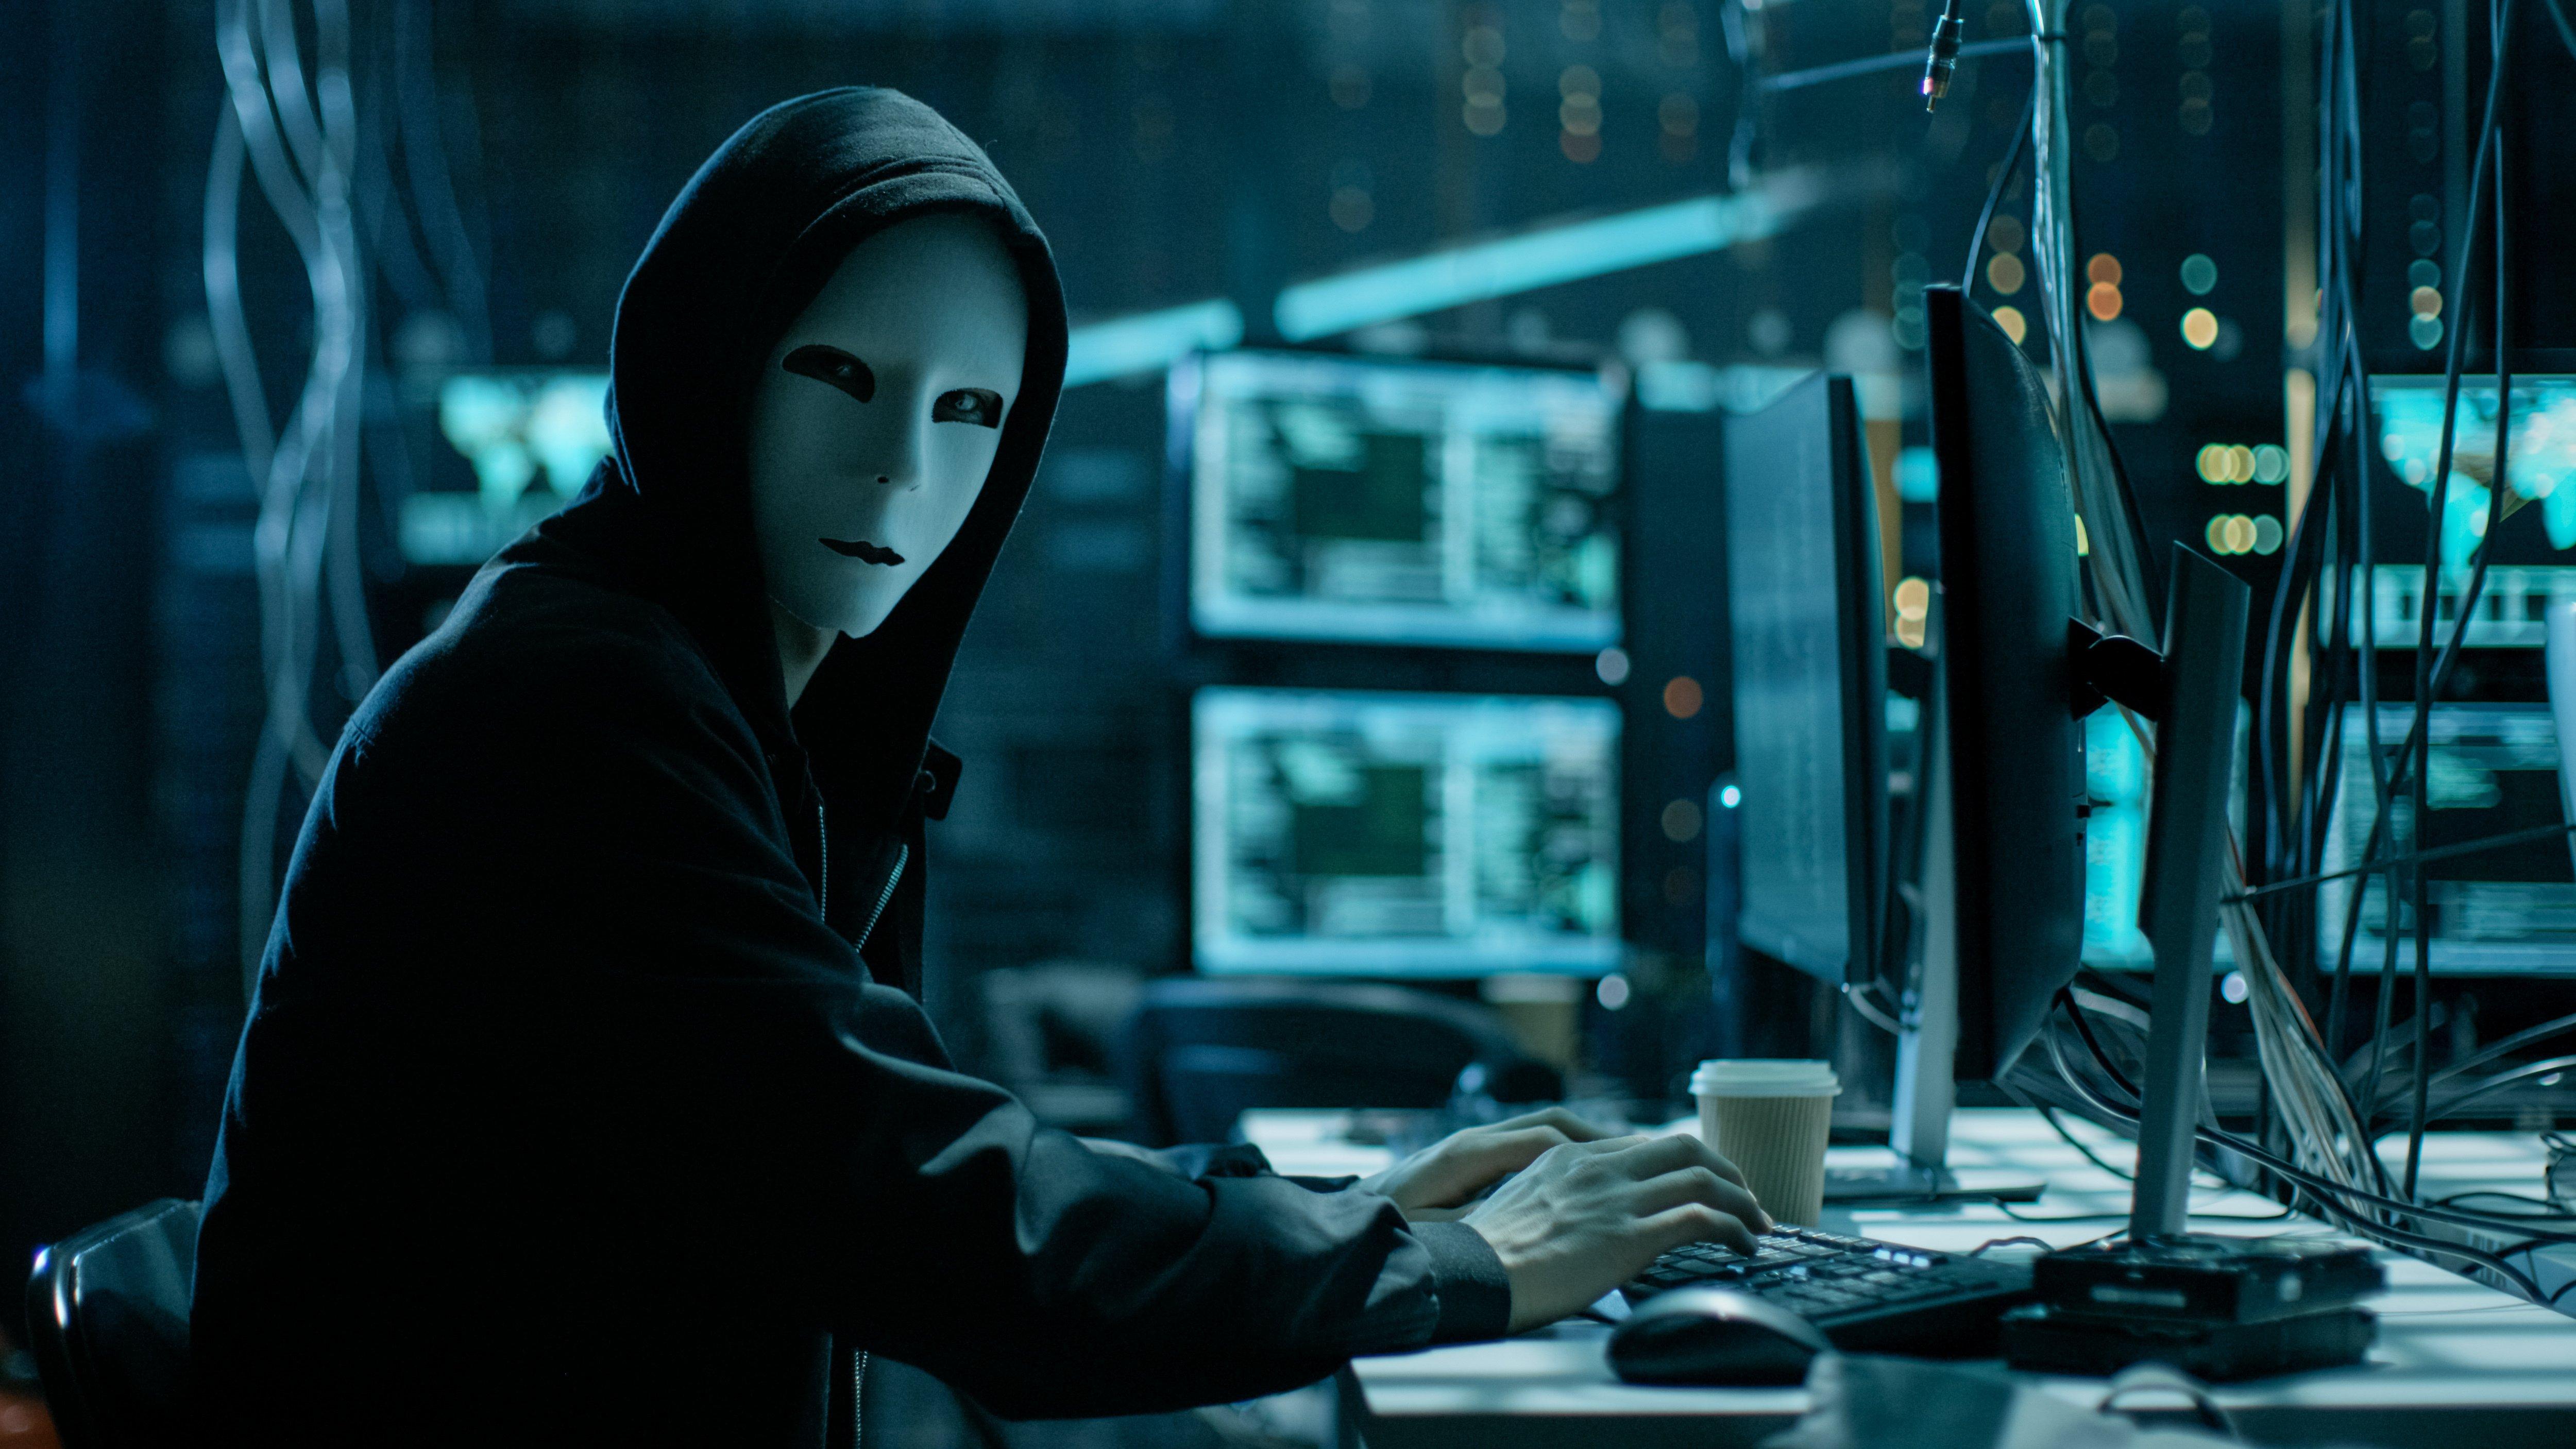 Ảnh Hacker mặt nạ Anonymous đẹp